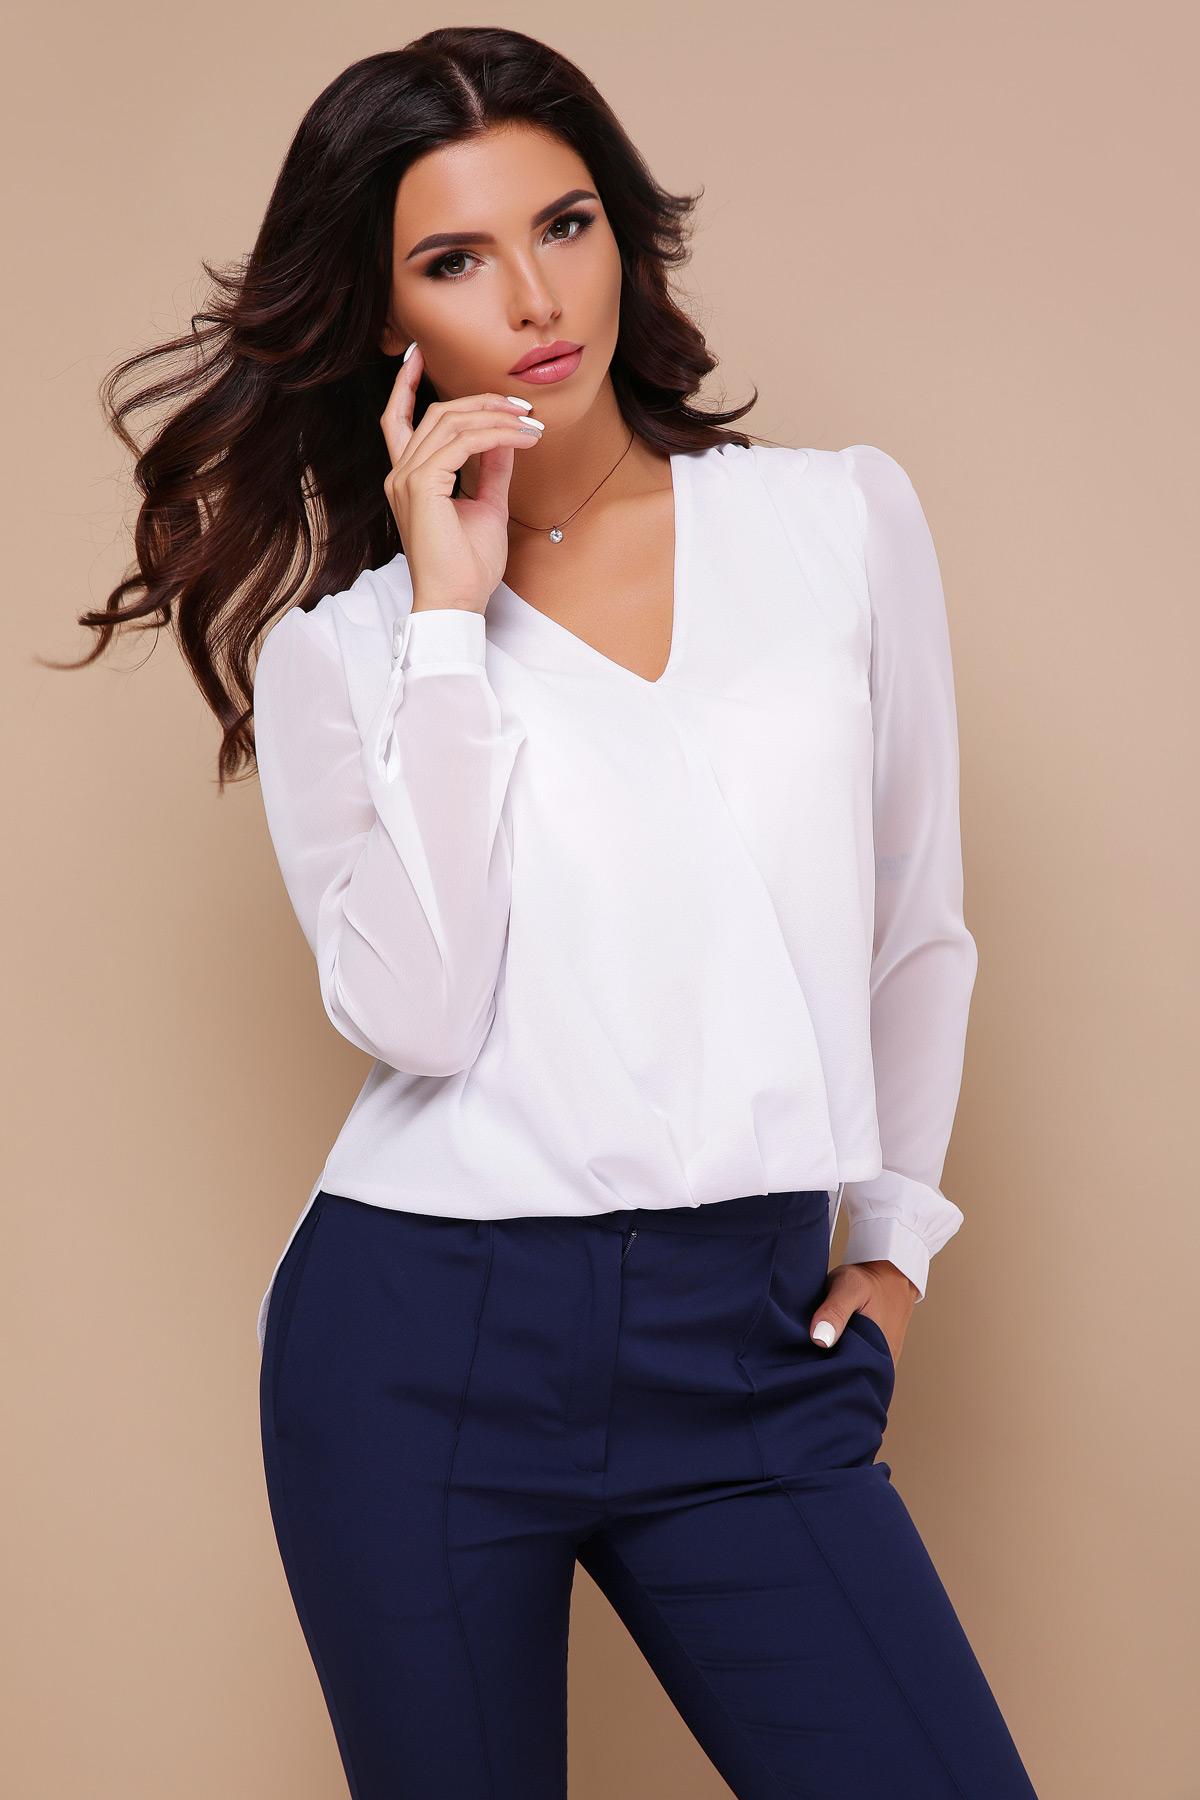 ff5bdb0d603 ... блуза Айлин д р - белый . . Цвет  белый